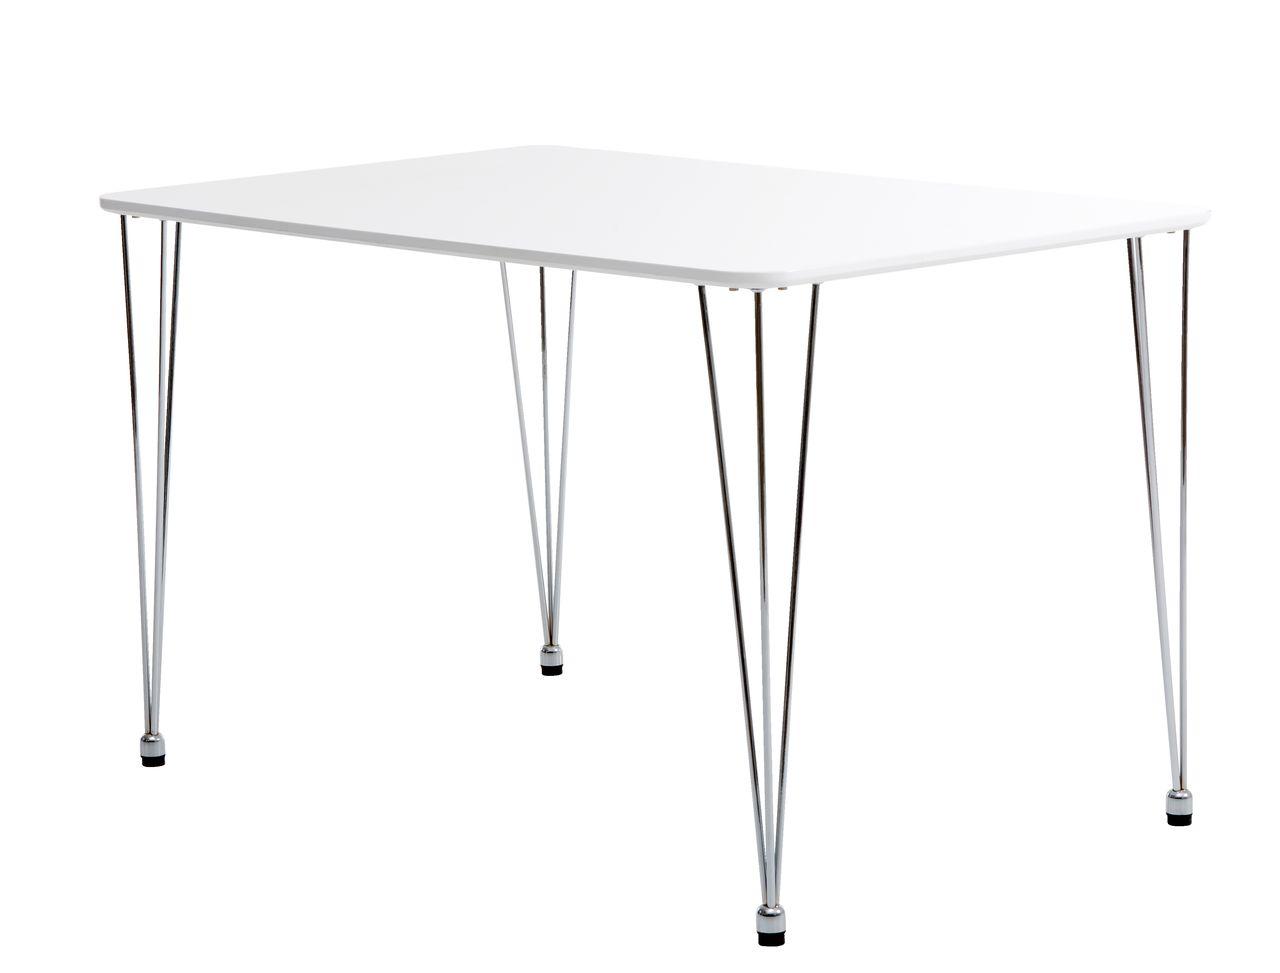 spisebord jysk Spisebord BANNERUP 76x120 hvid/krom | JYSK spisebord jysk